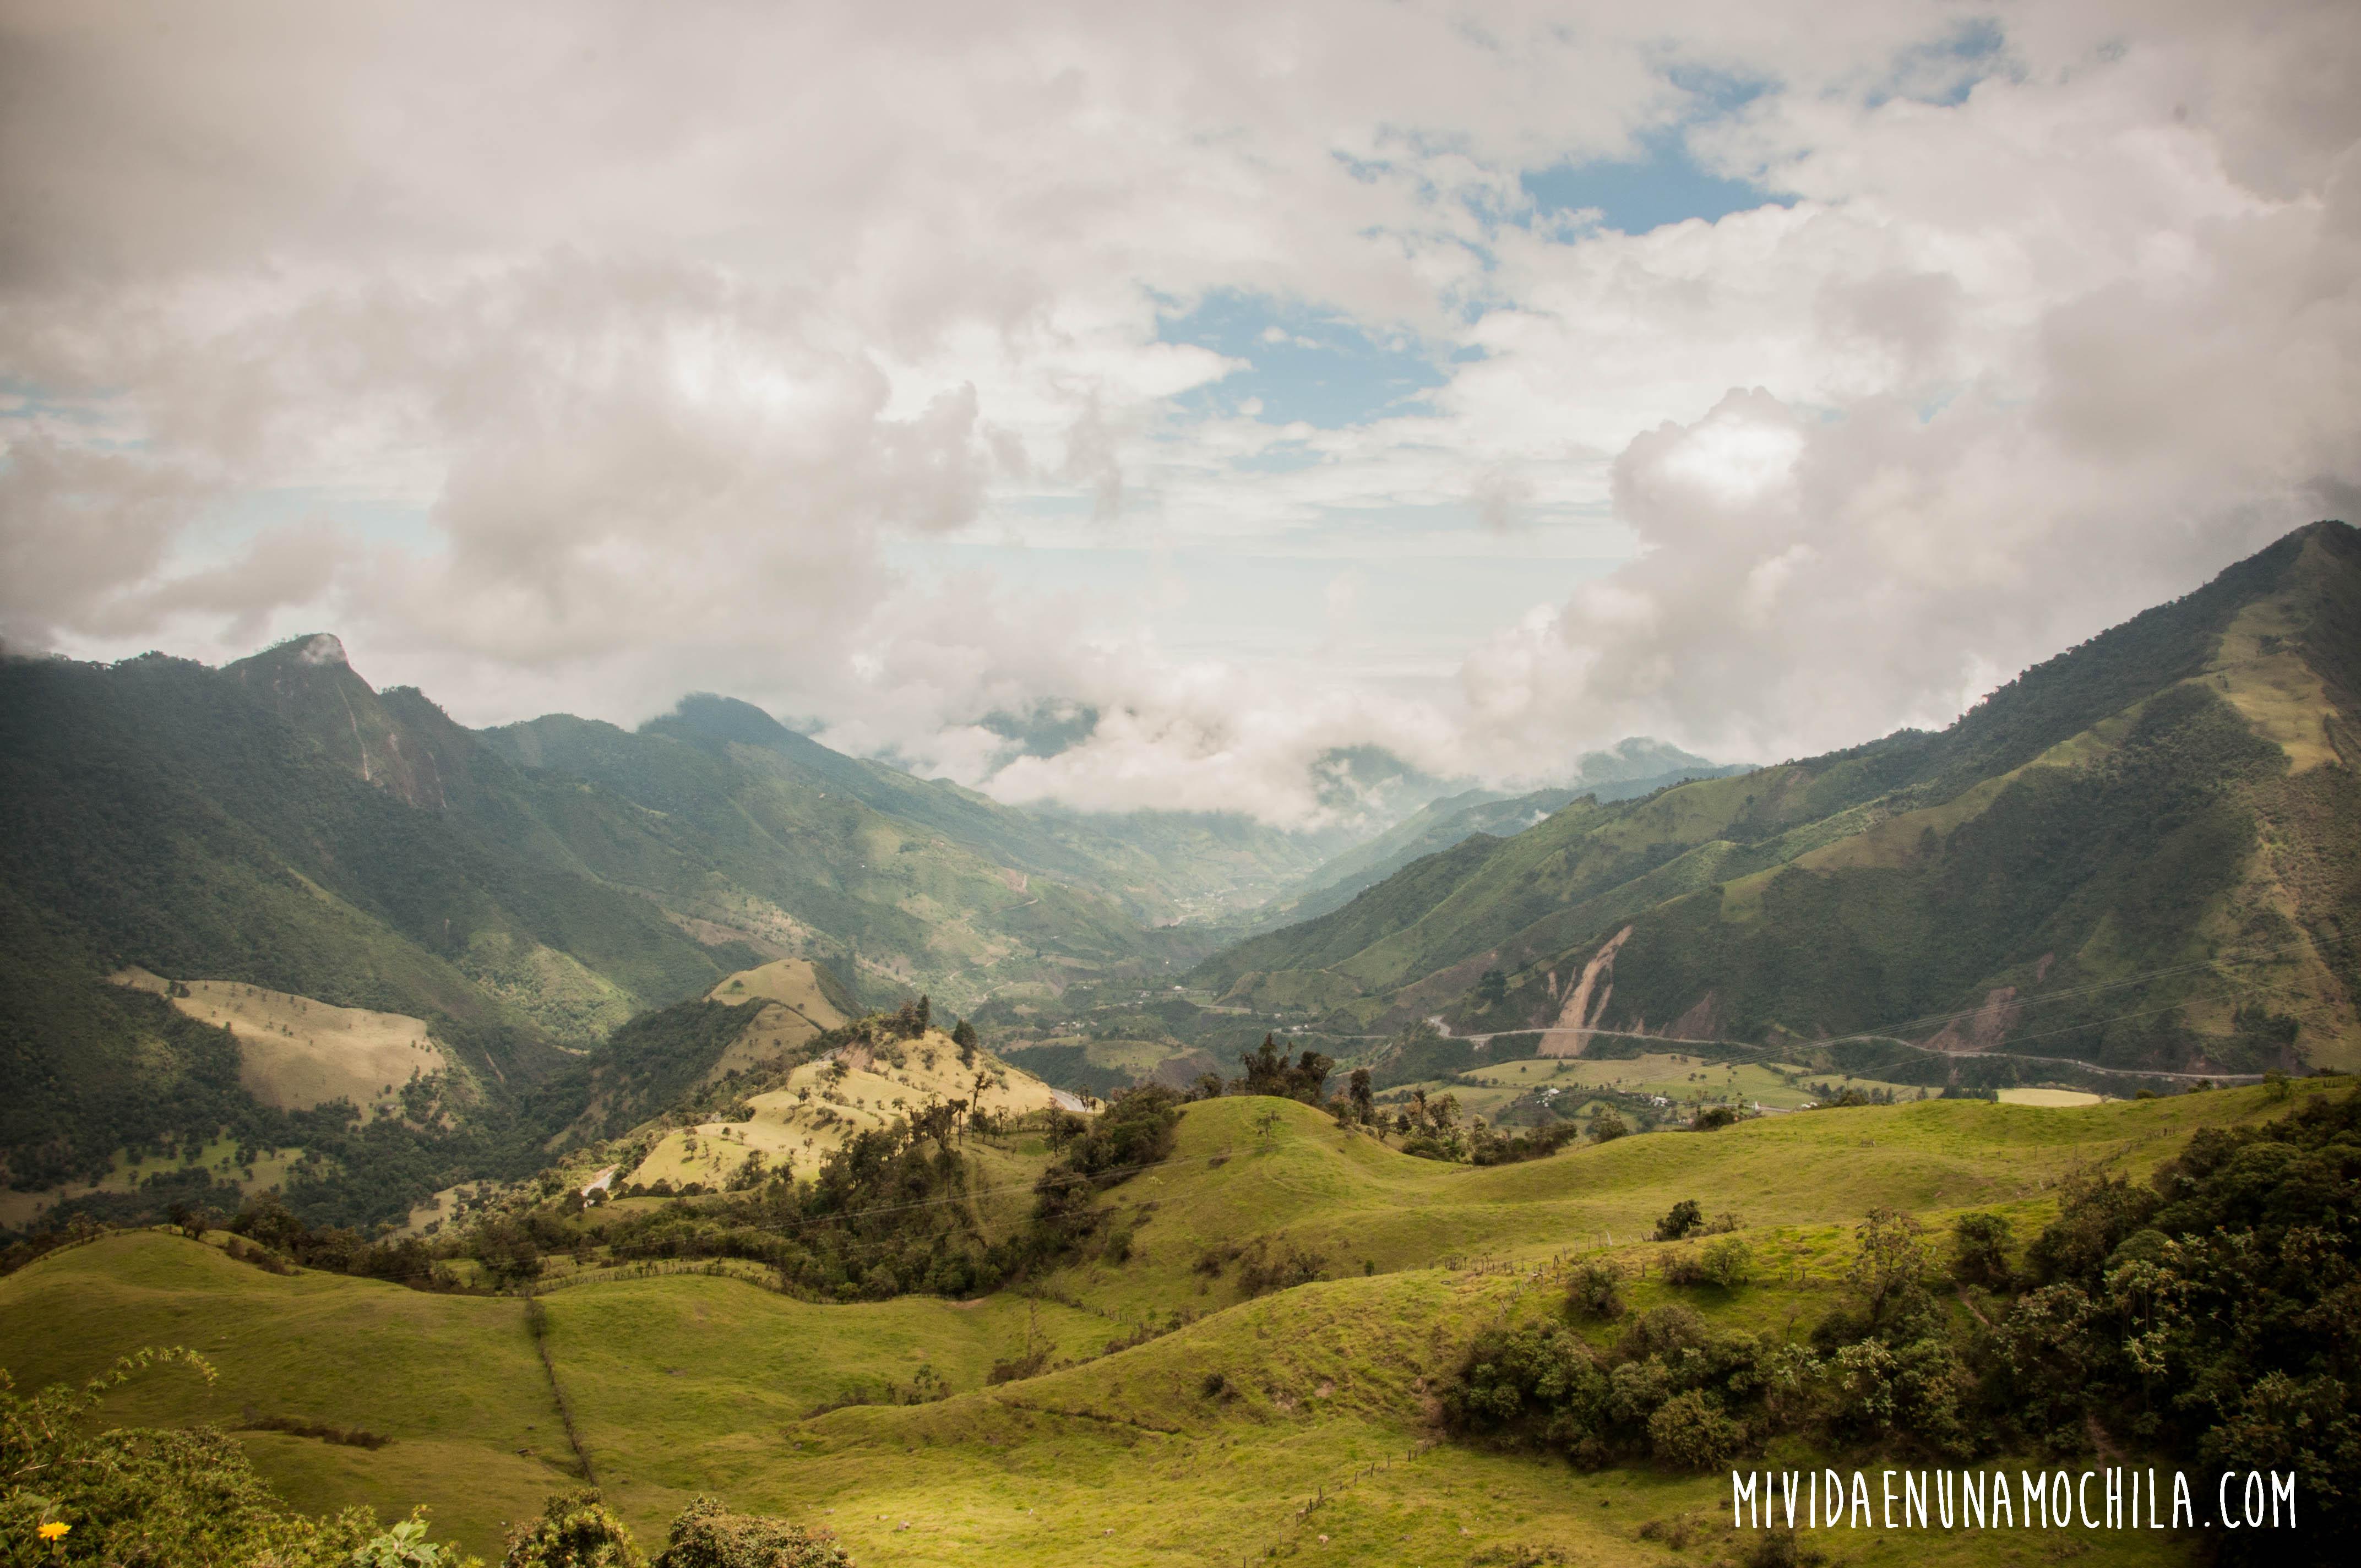 Abajo, las ovejas y los campos de cultivo de la familia que me hospedó en Apahua.